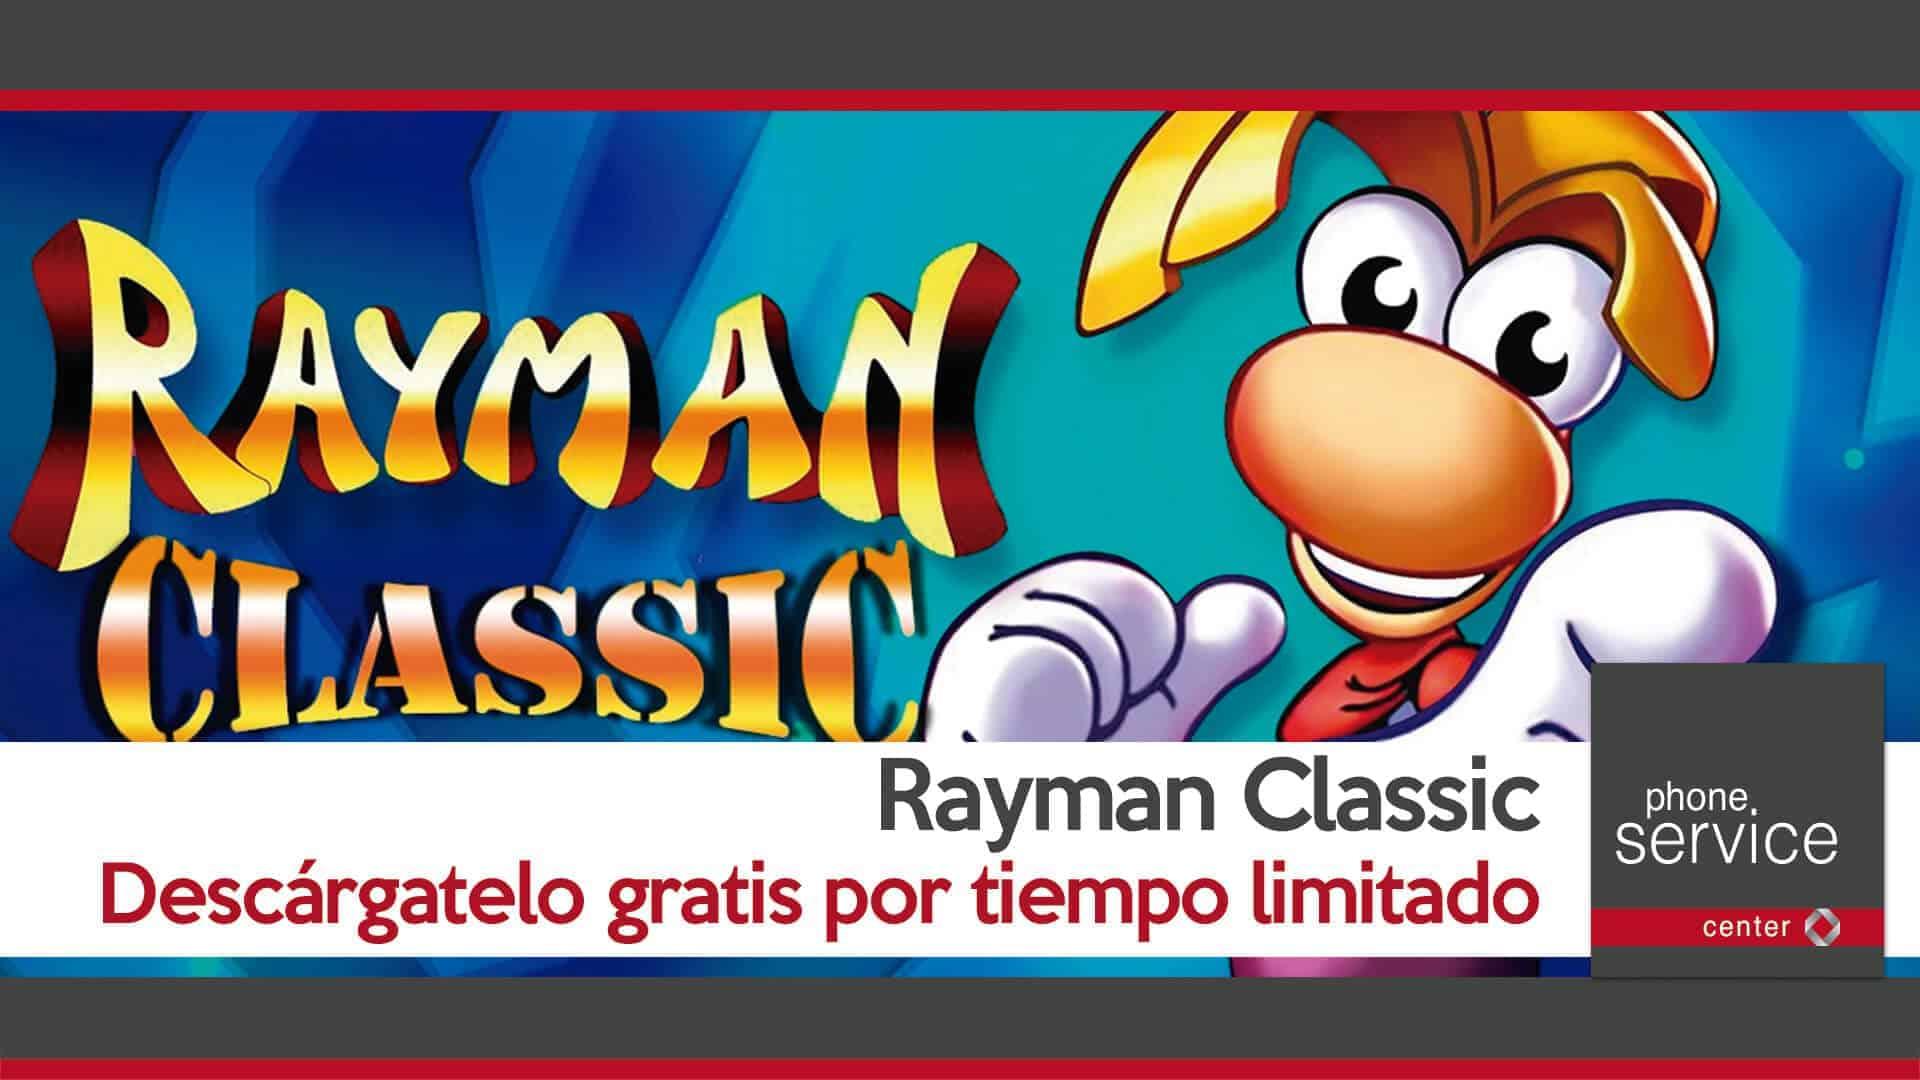 Rayman Classic gratis por tiempo limitado